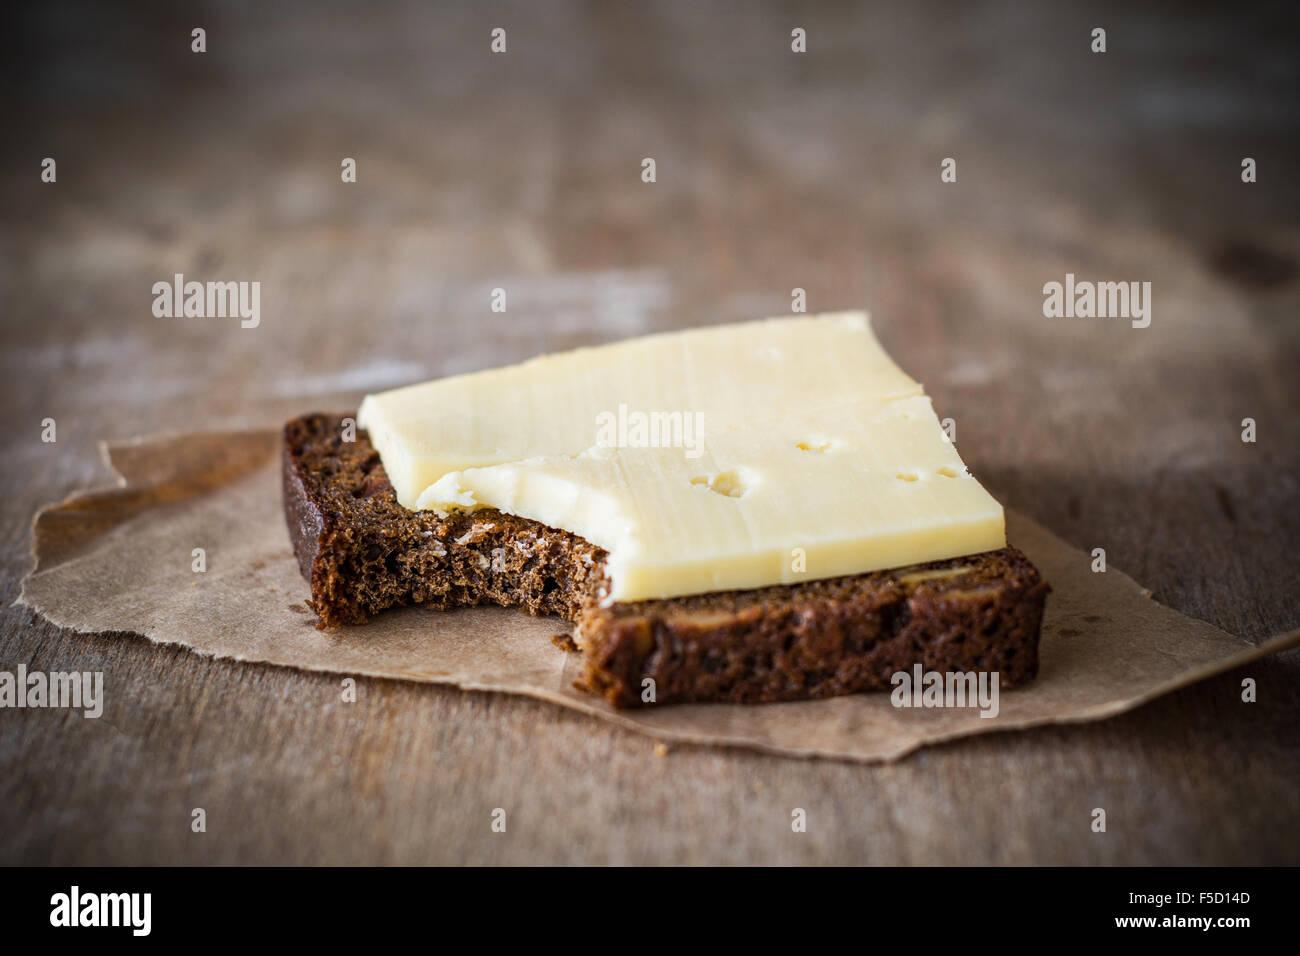 Pane e formaggio sul tavolo rustico. Cibi semplici Immagini Stock